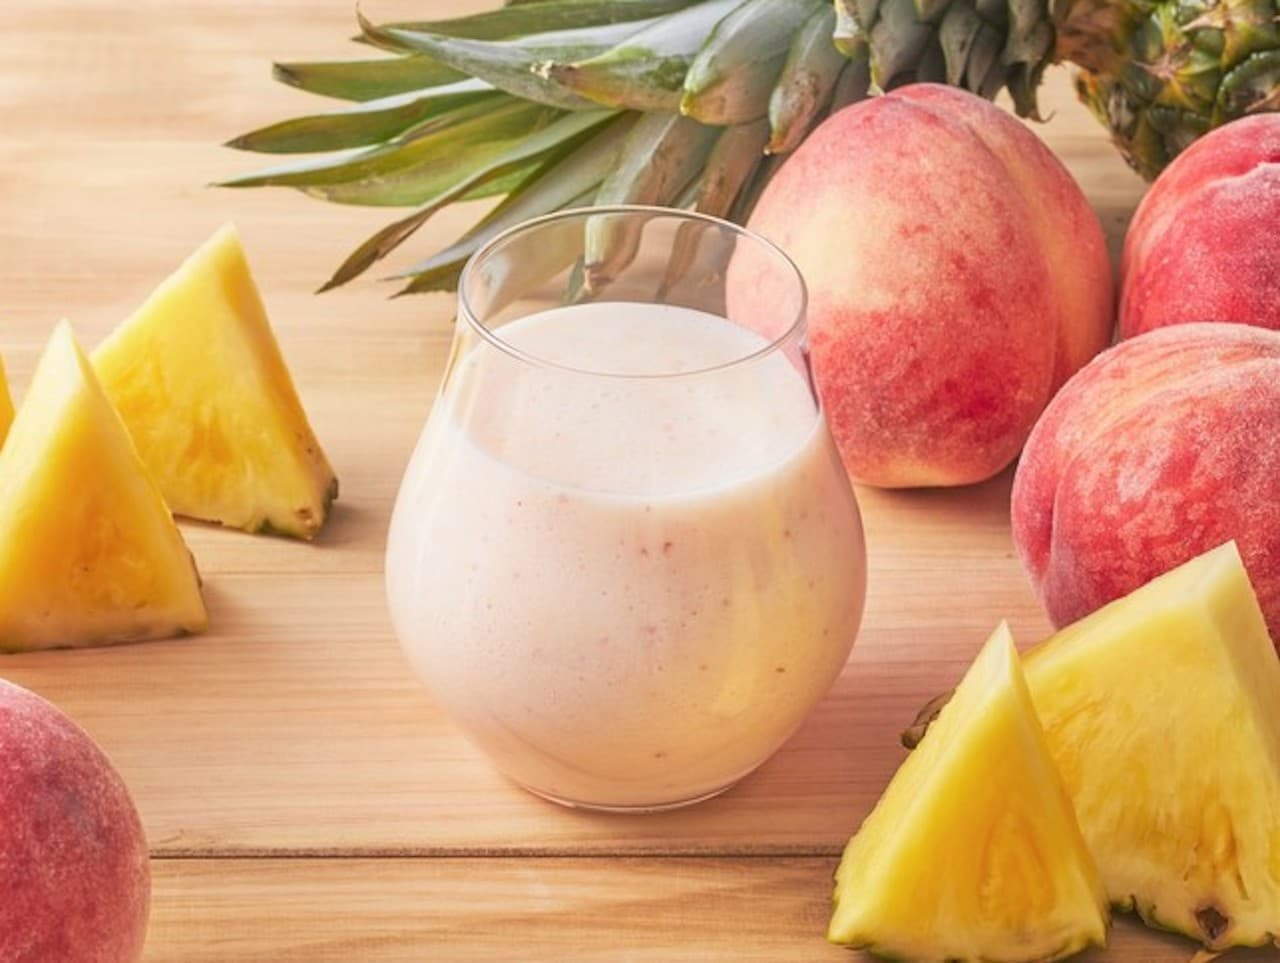 果汁工房果琳「桃とパインのスムージー」